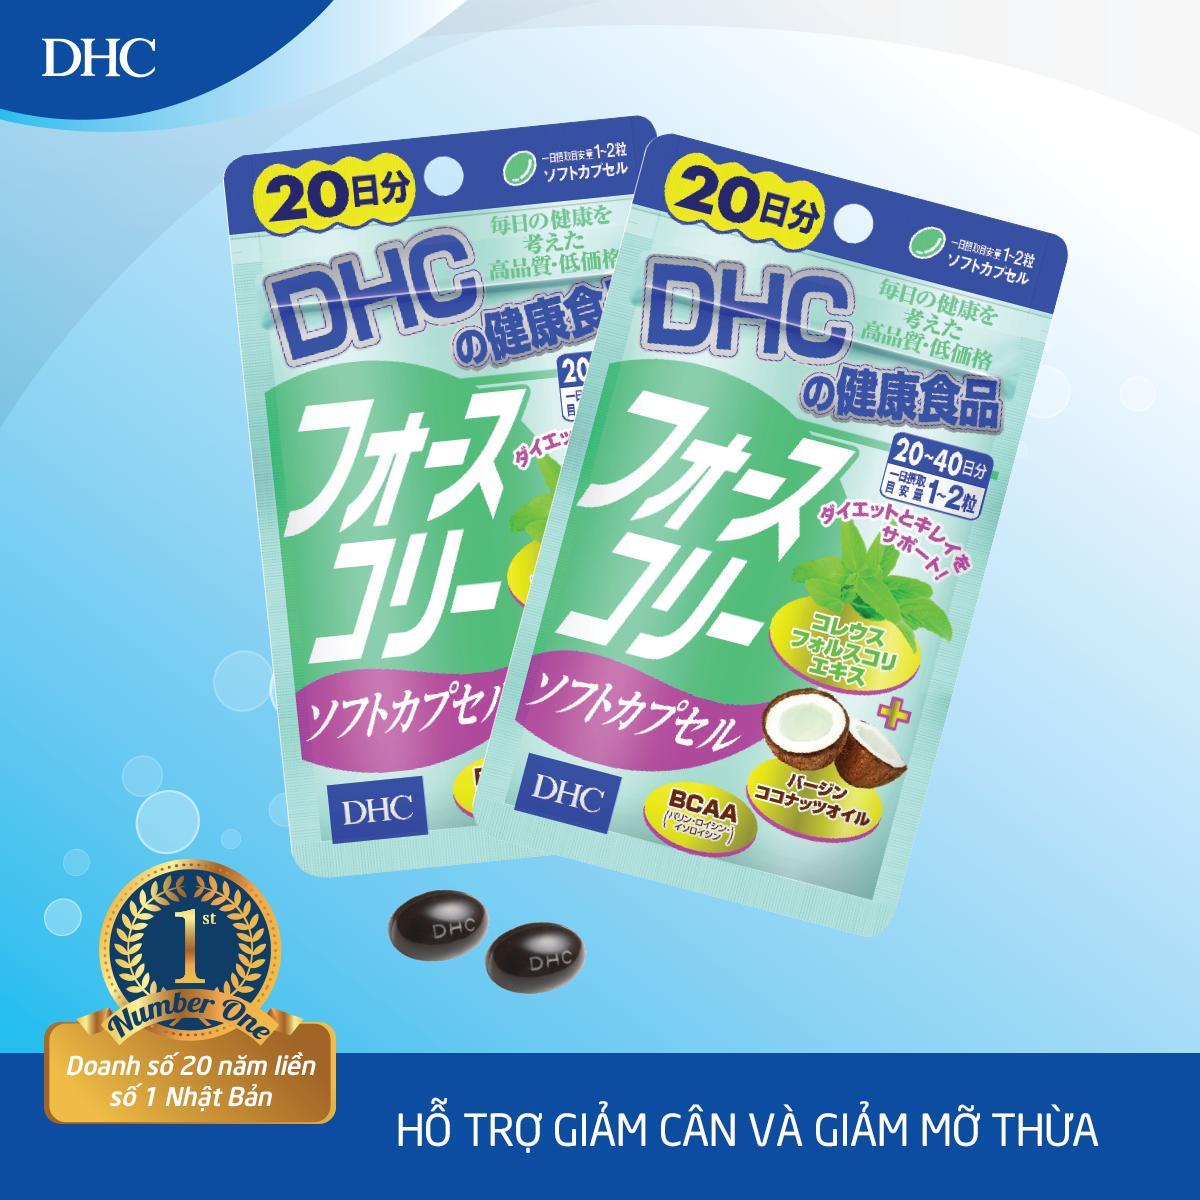 Viên uống Giảm cân bổ sung Dầu dừa DHC FORSKOHLII Gói 20 Ngày nhập khẩu